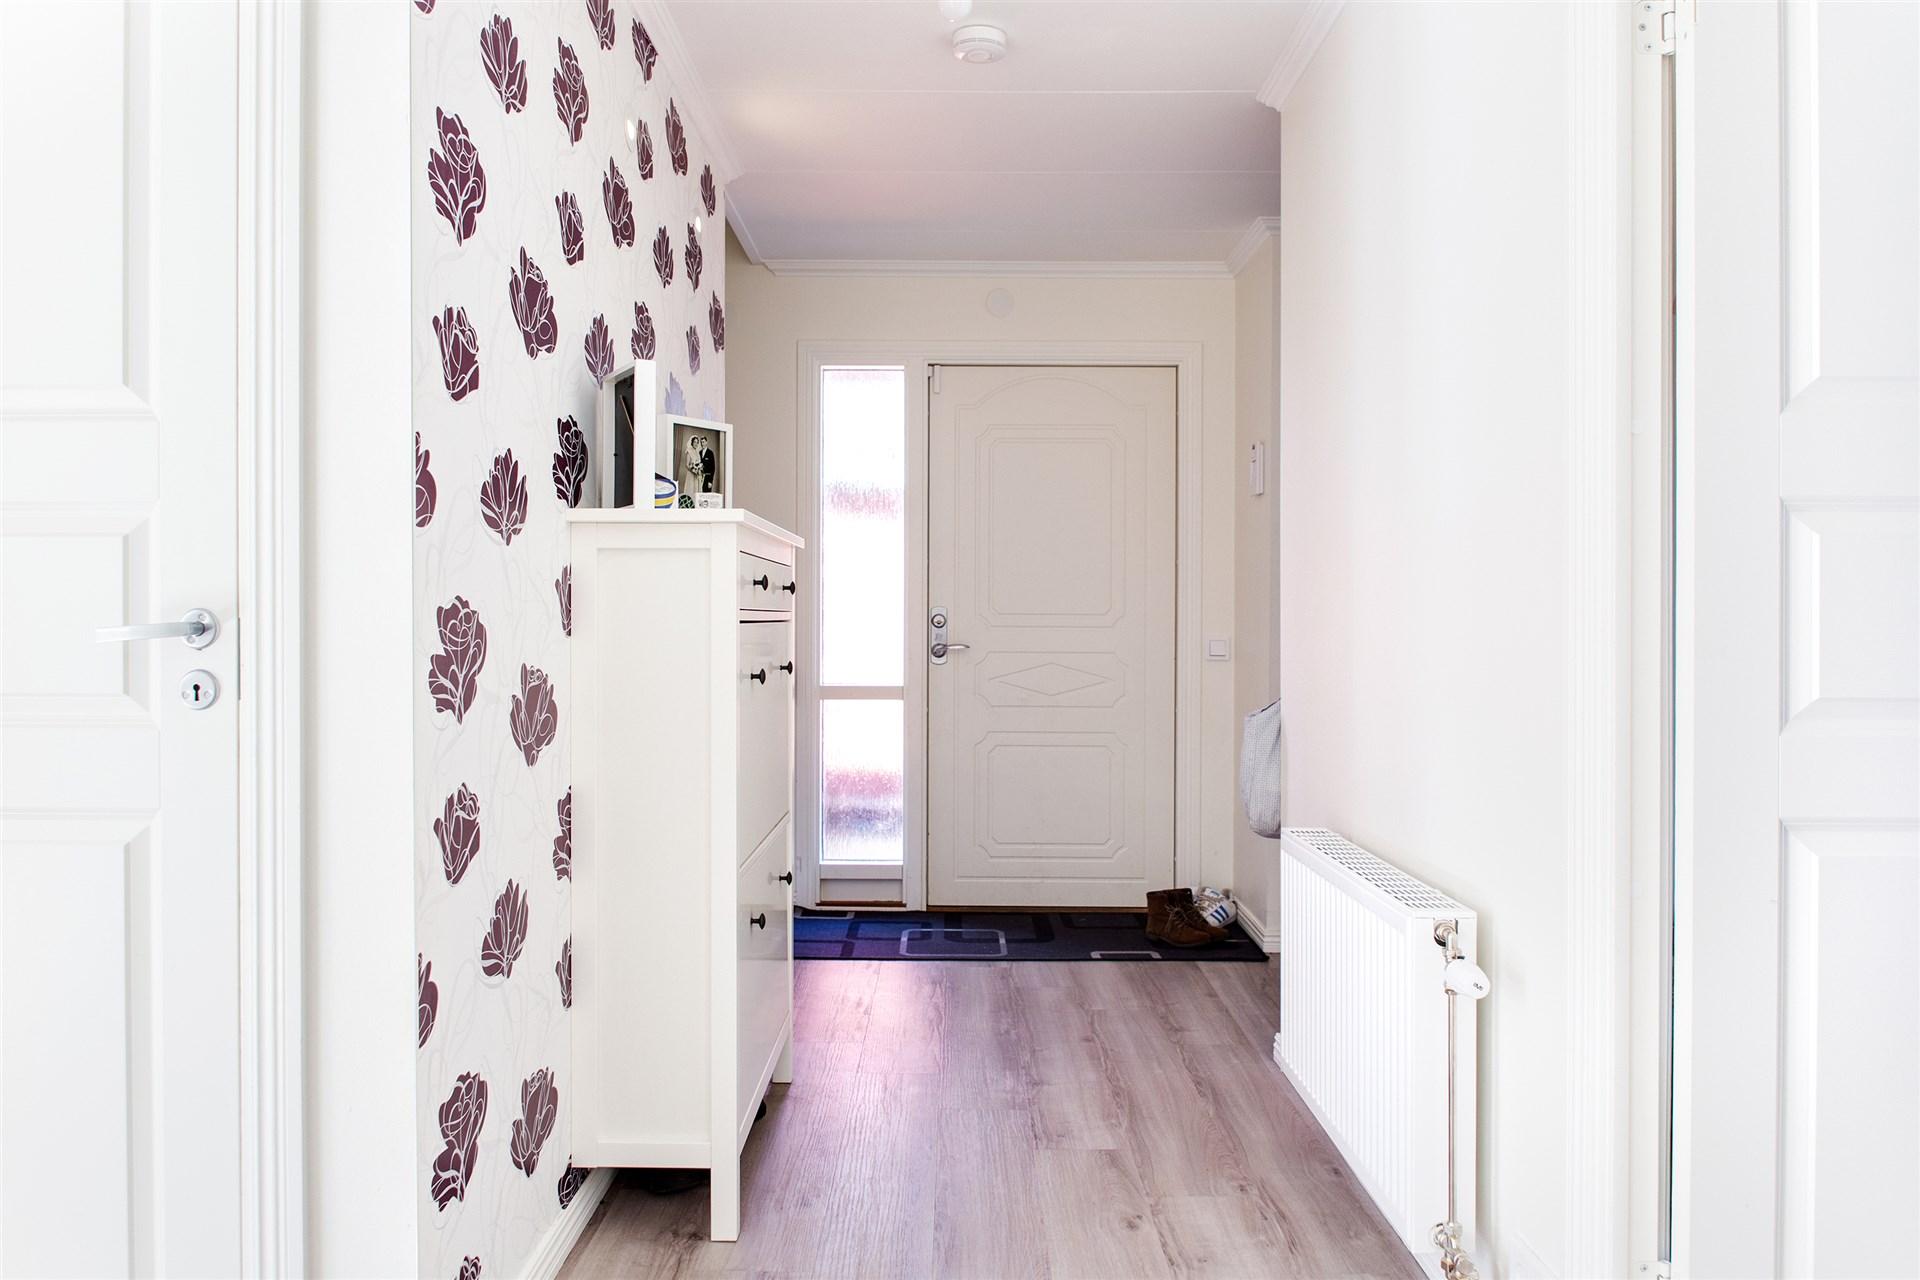 Välkomnande hall - här finns dörr till källaren, trappa till övre plan och dörr till badrummet.